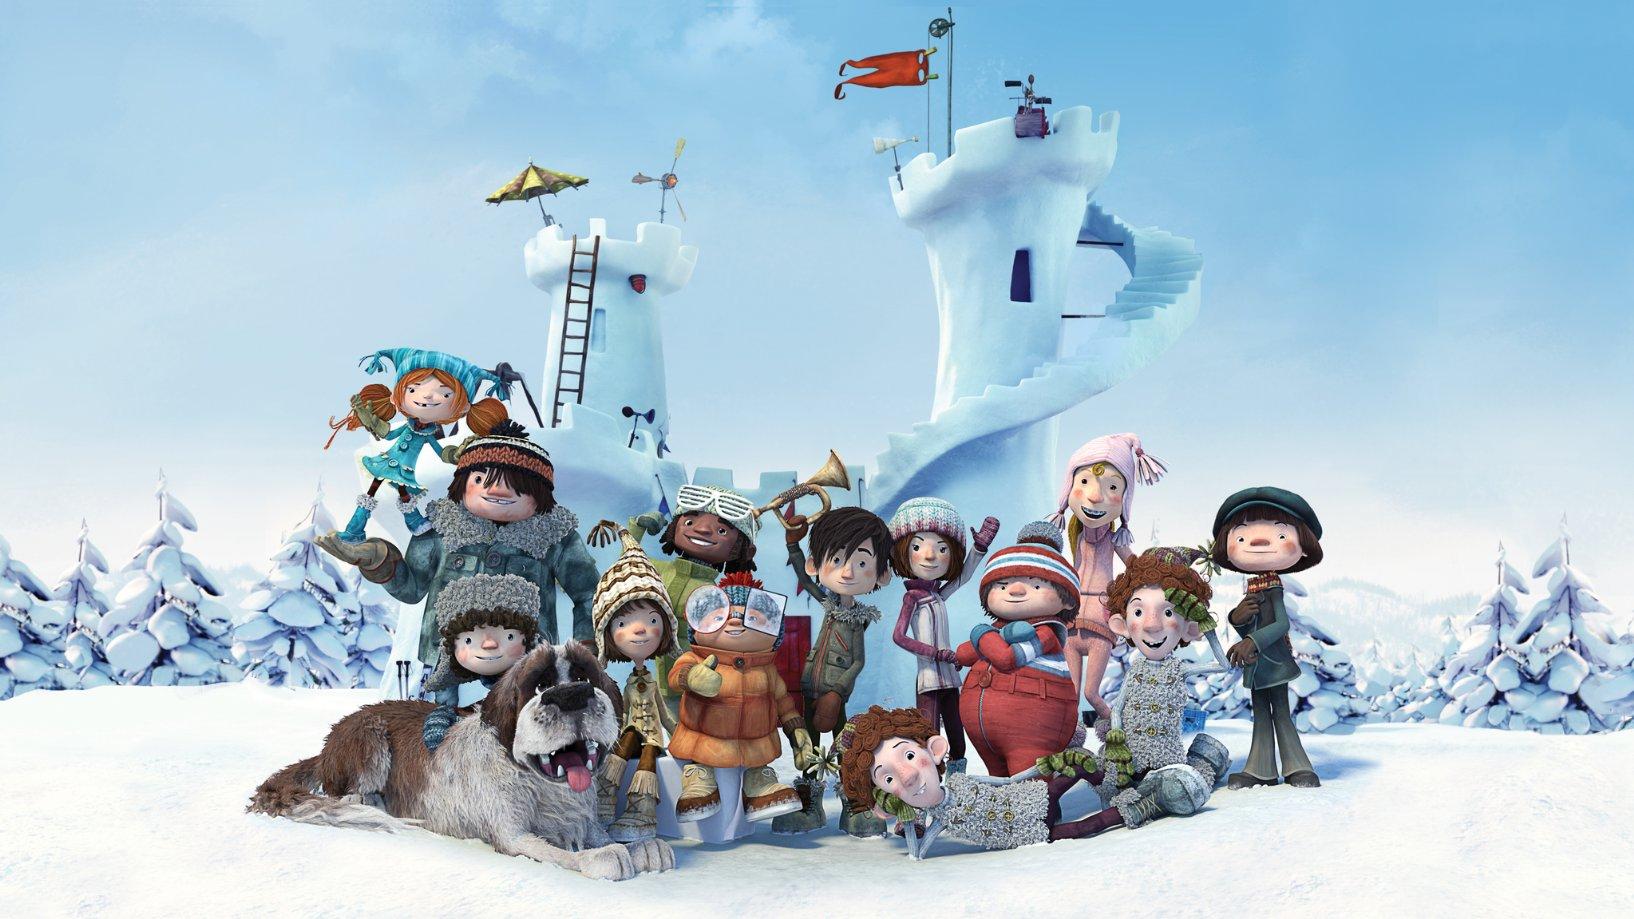 دانلود دوبله فارسی انیمیشن روز برفی Snowtime! 2015 با لینک مستقیم